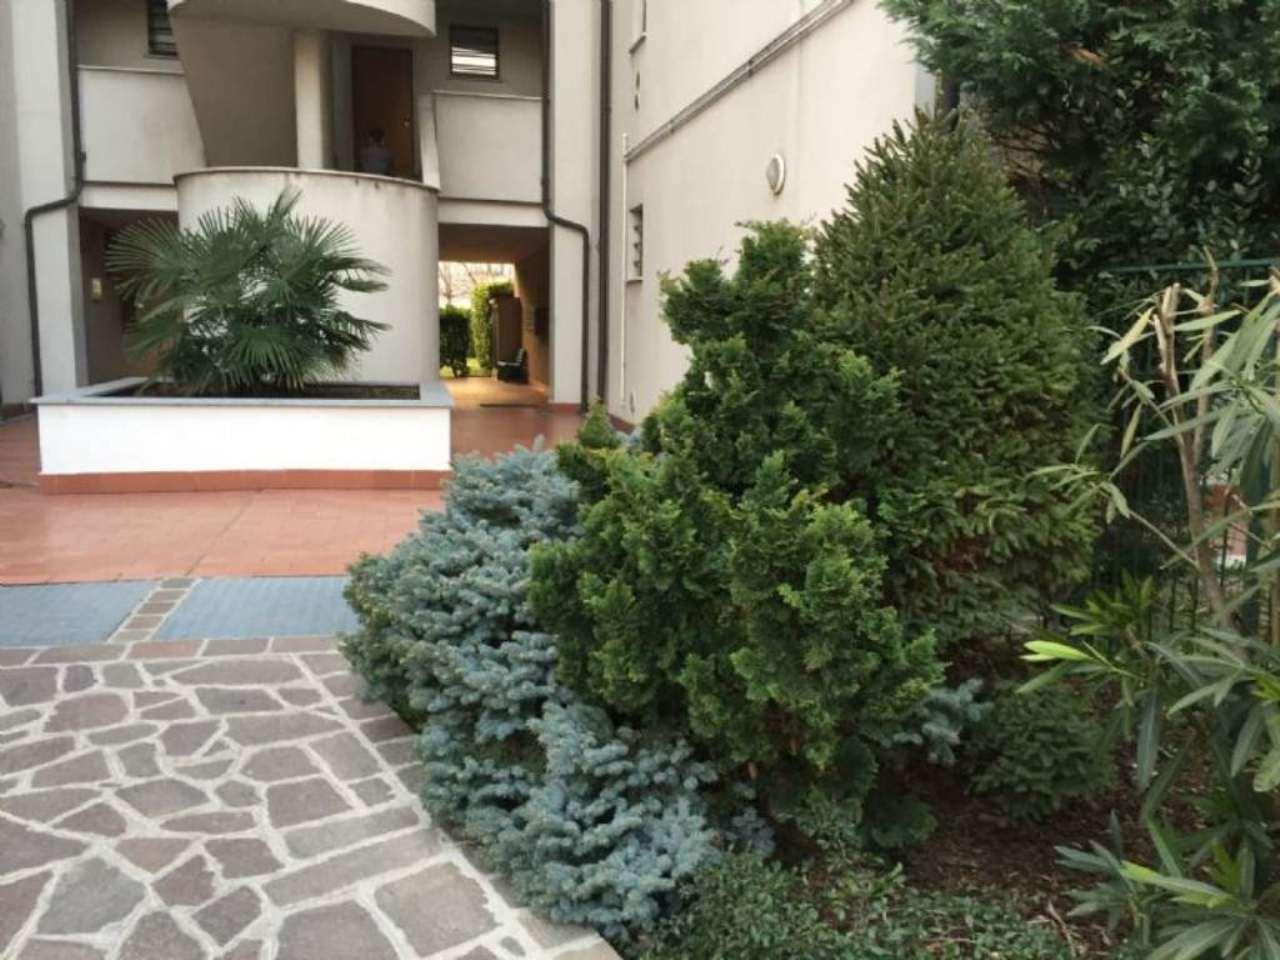 Affitto  bilocale Monza  1 945674